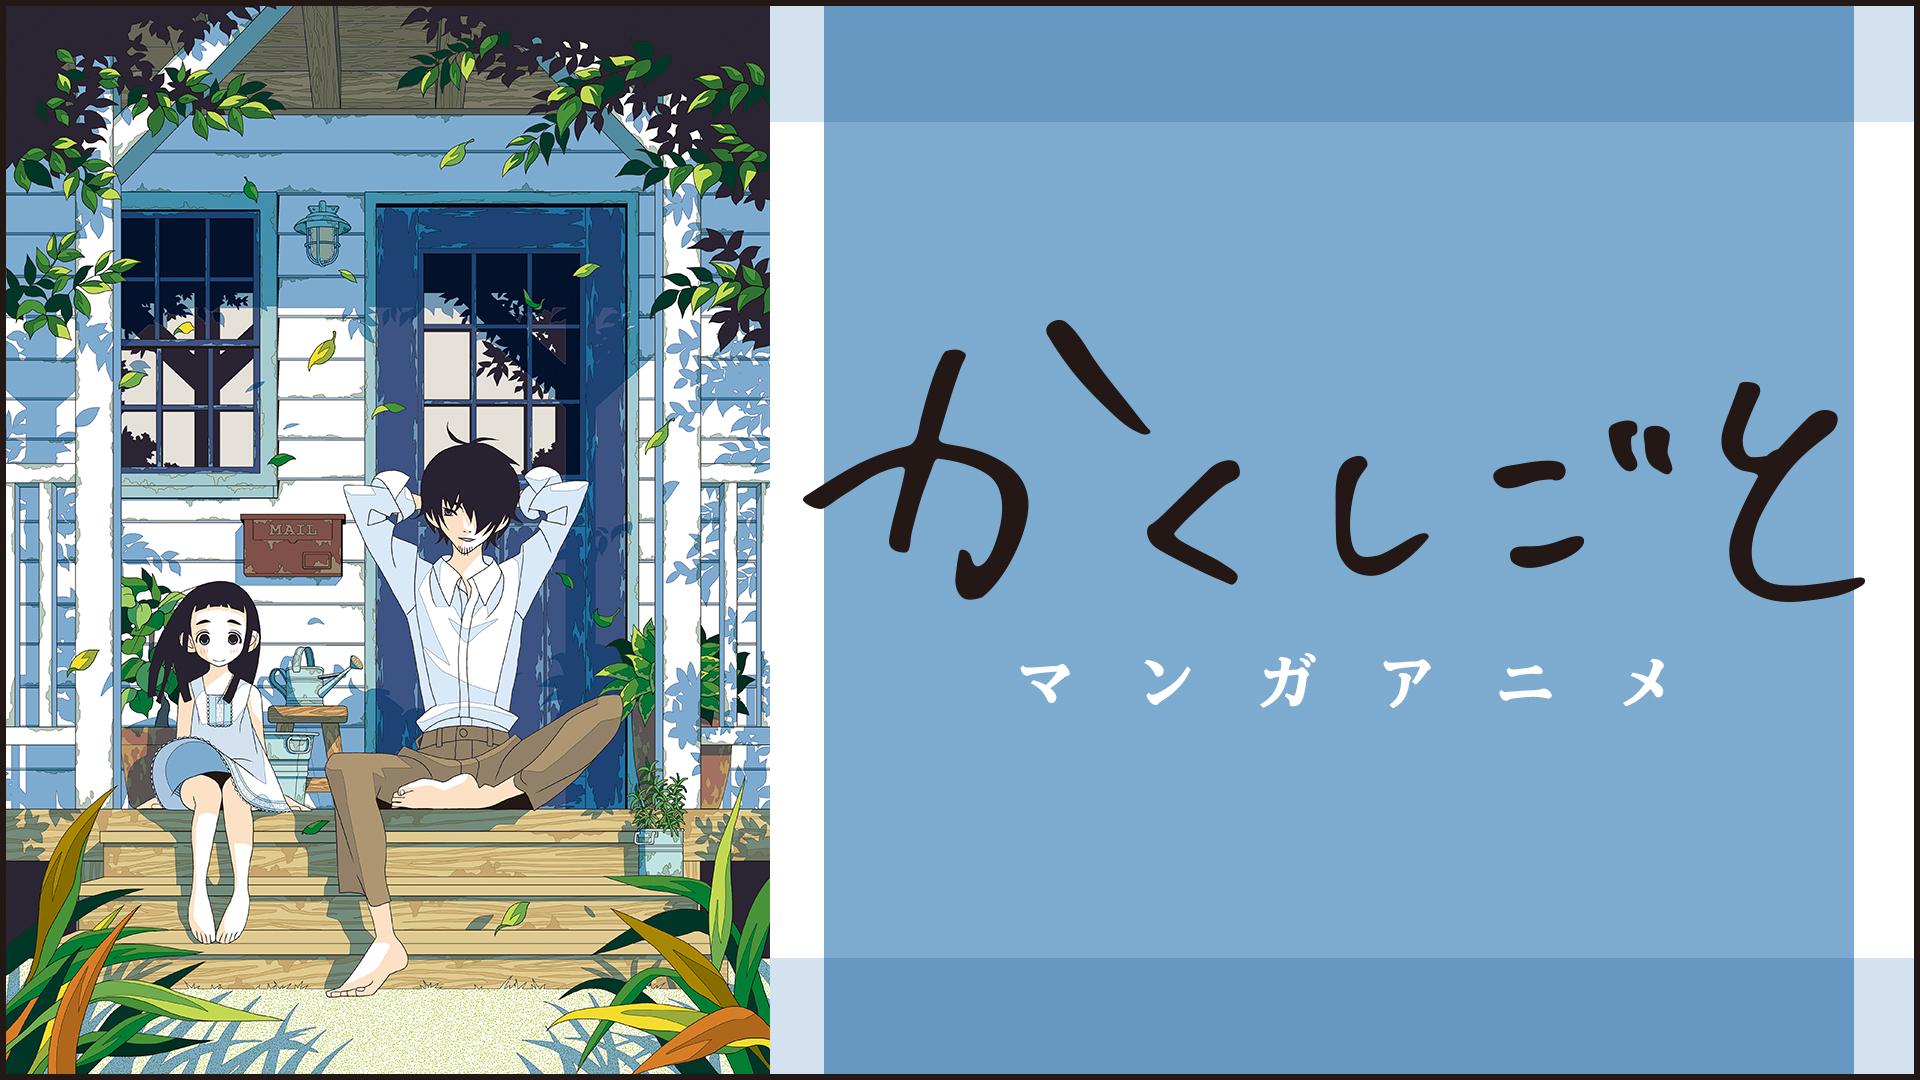 マンガアニメ「かくしごと」(dアニメストア)